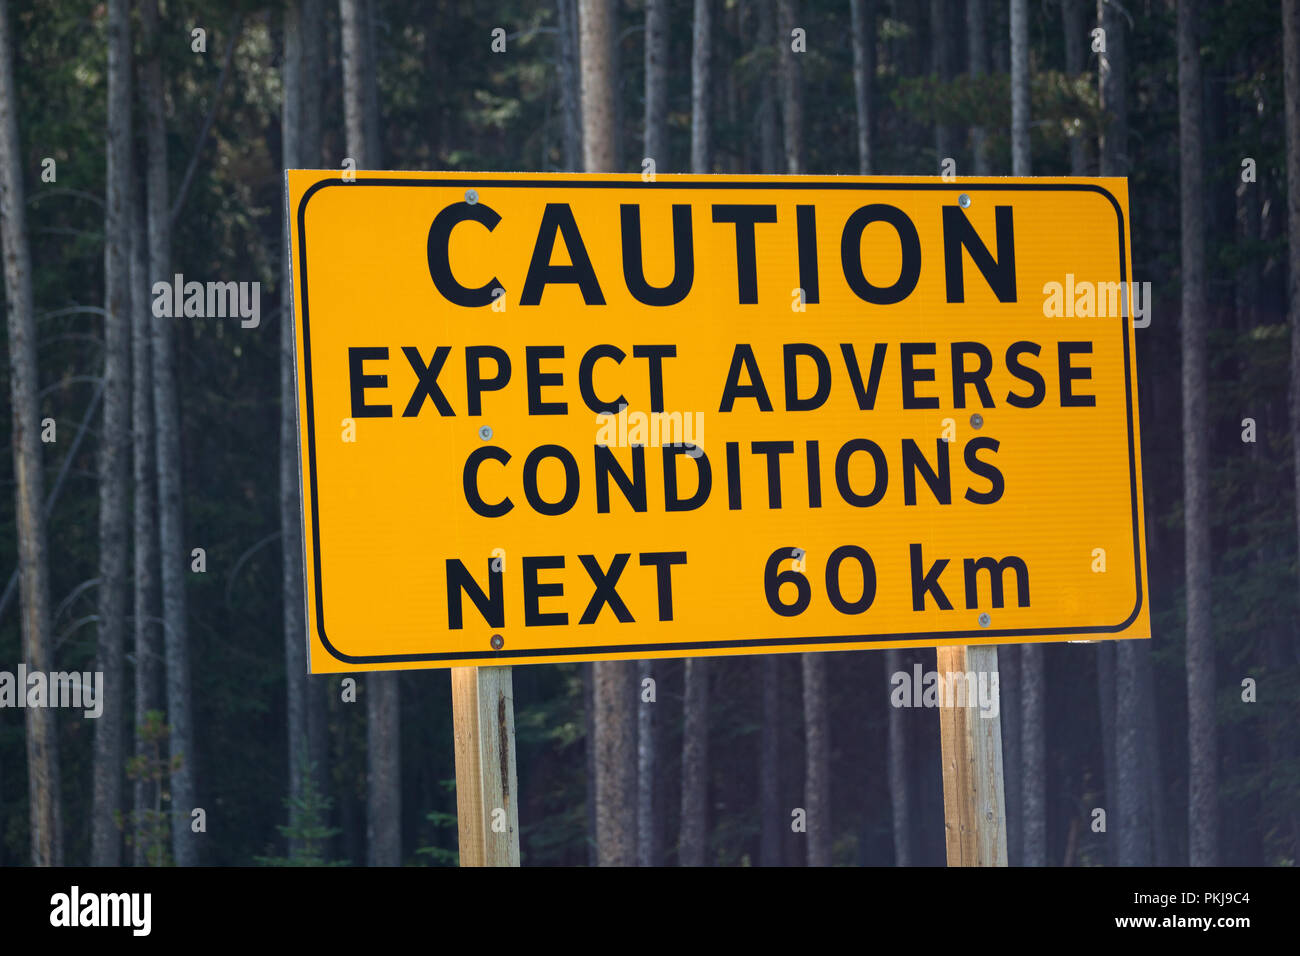 Attenzione cartello stradale, aspettarsi condizioni avverse Immagini Stock